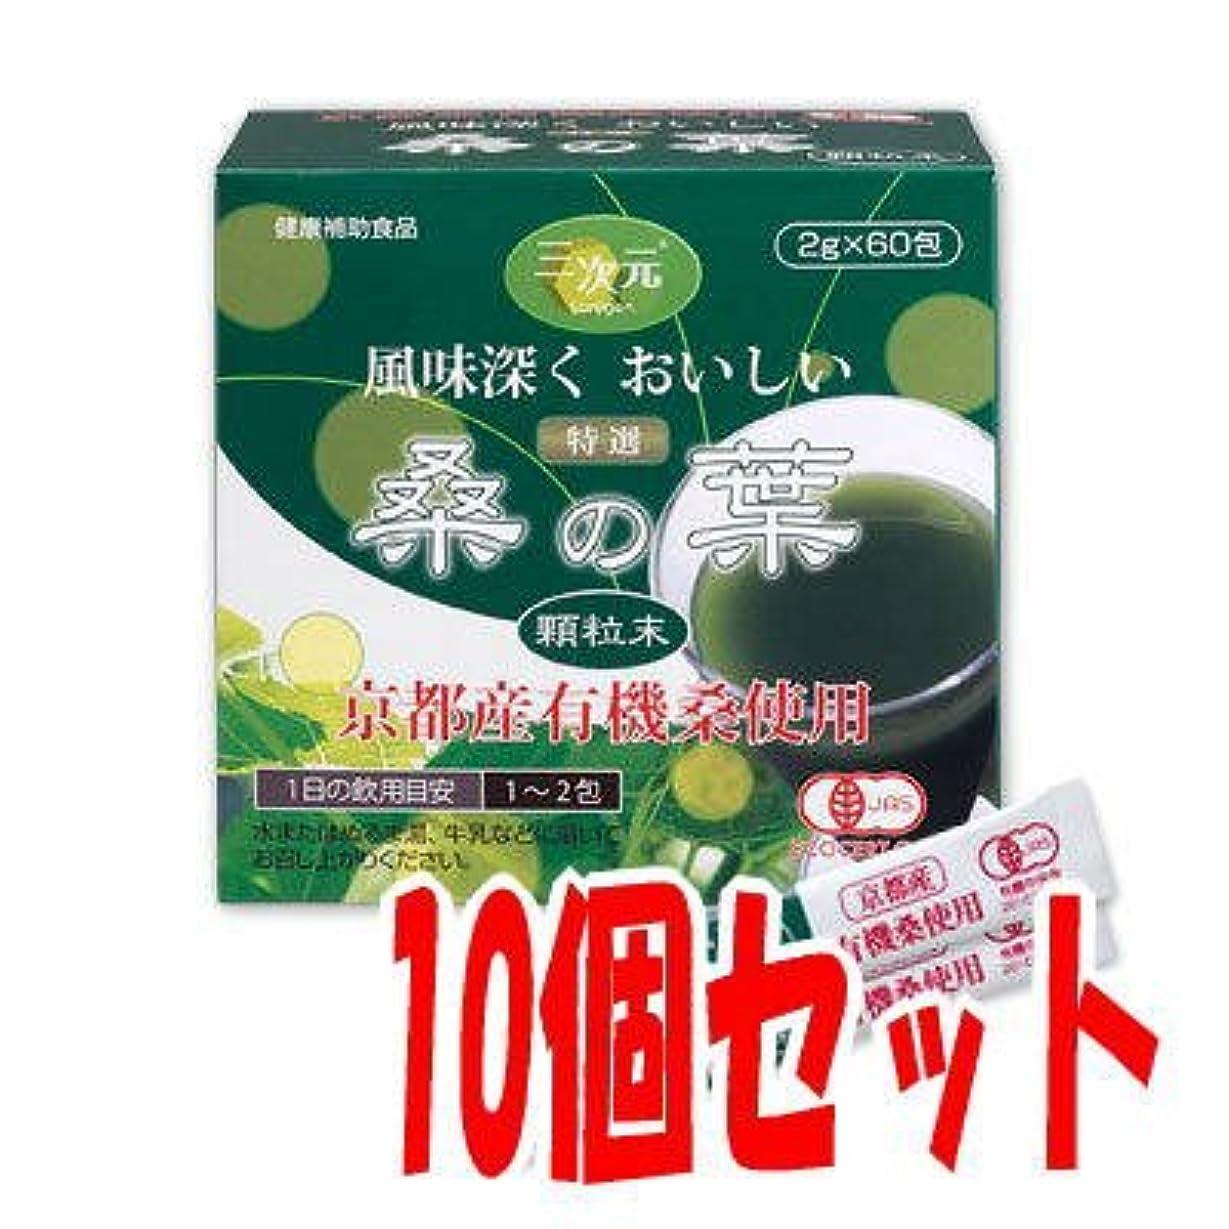 疼痛狂うペスト特選「桑の葉」顆粒末1箱60包入×10箱セット 国産(京都産)有機桑使用 苦くなく風味深くおいしい青汁